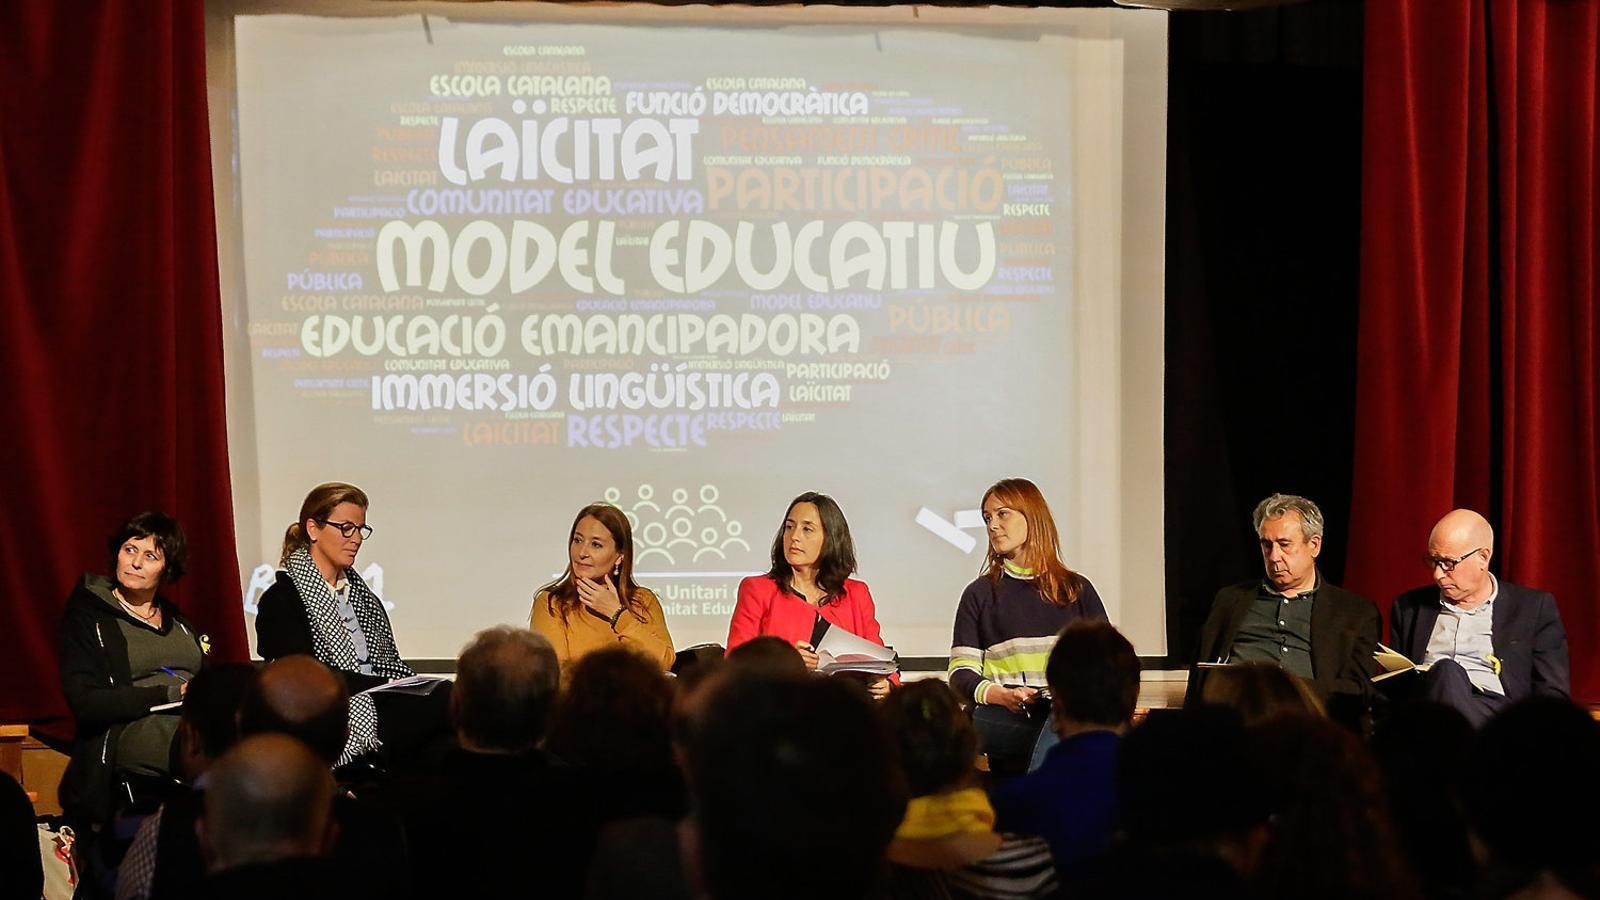 Representants de totes les formacions polítiques al debat sobre educació organitzat pel MUCE.